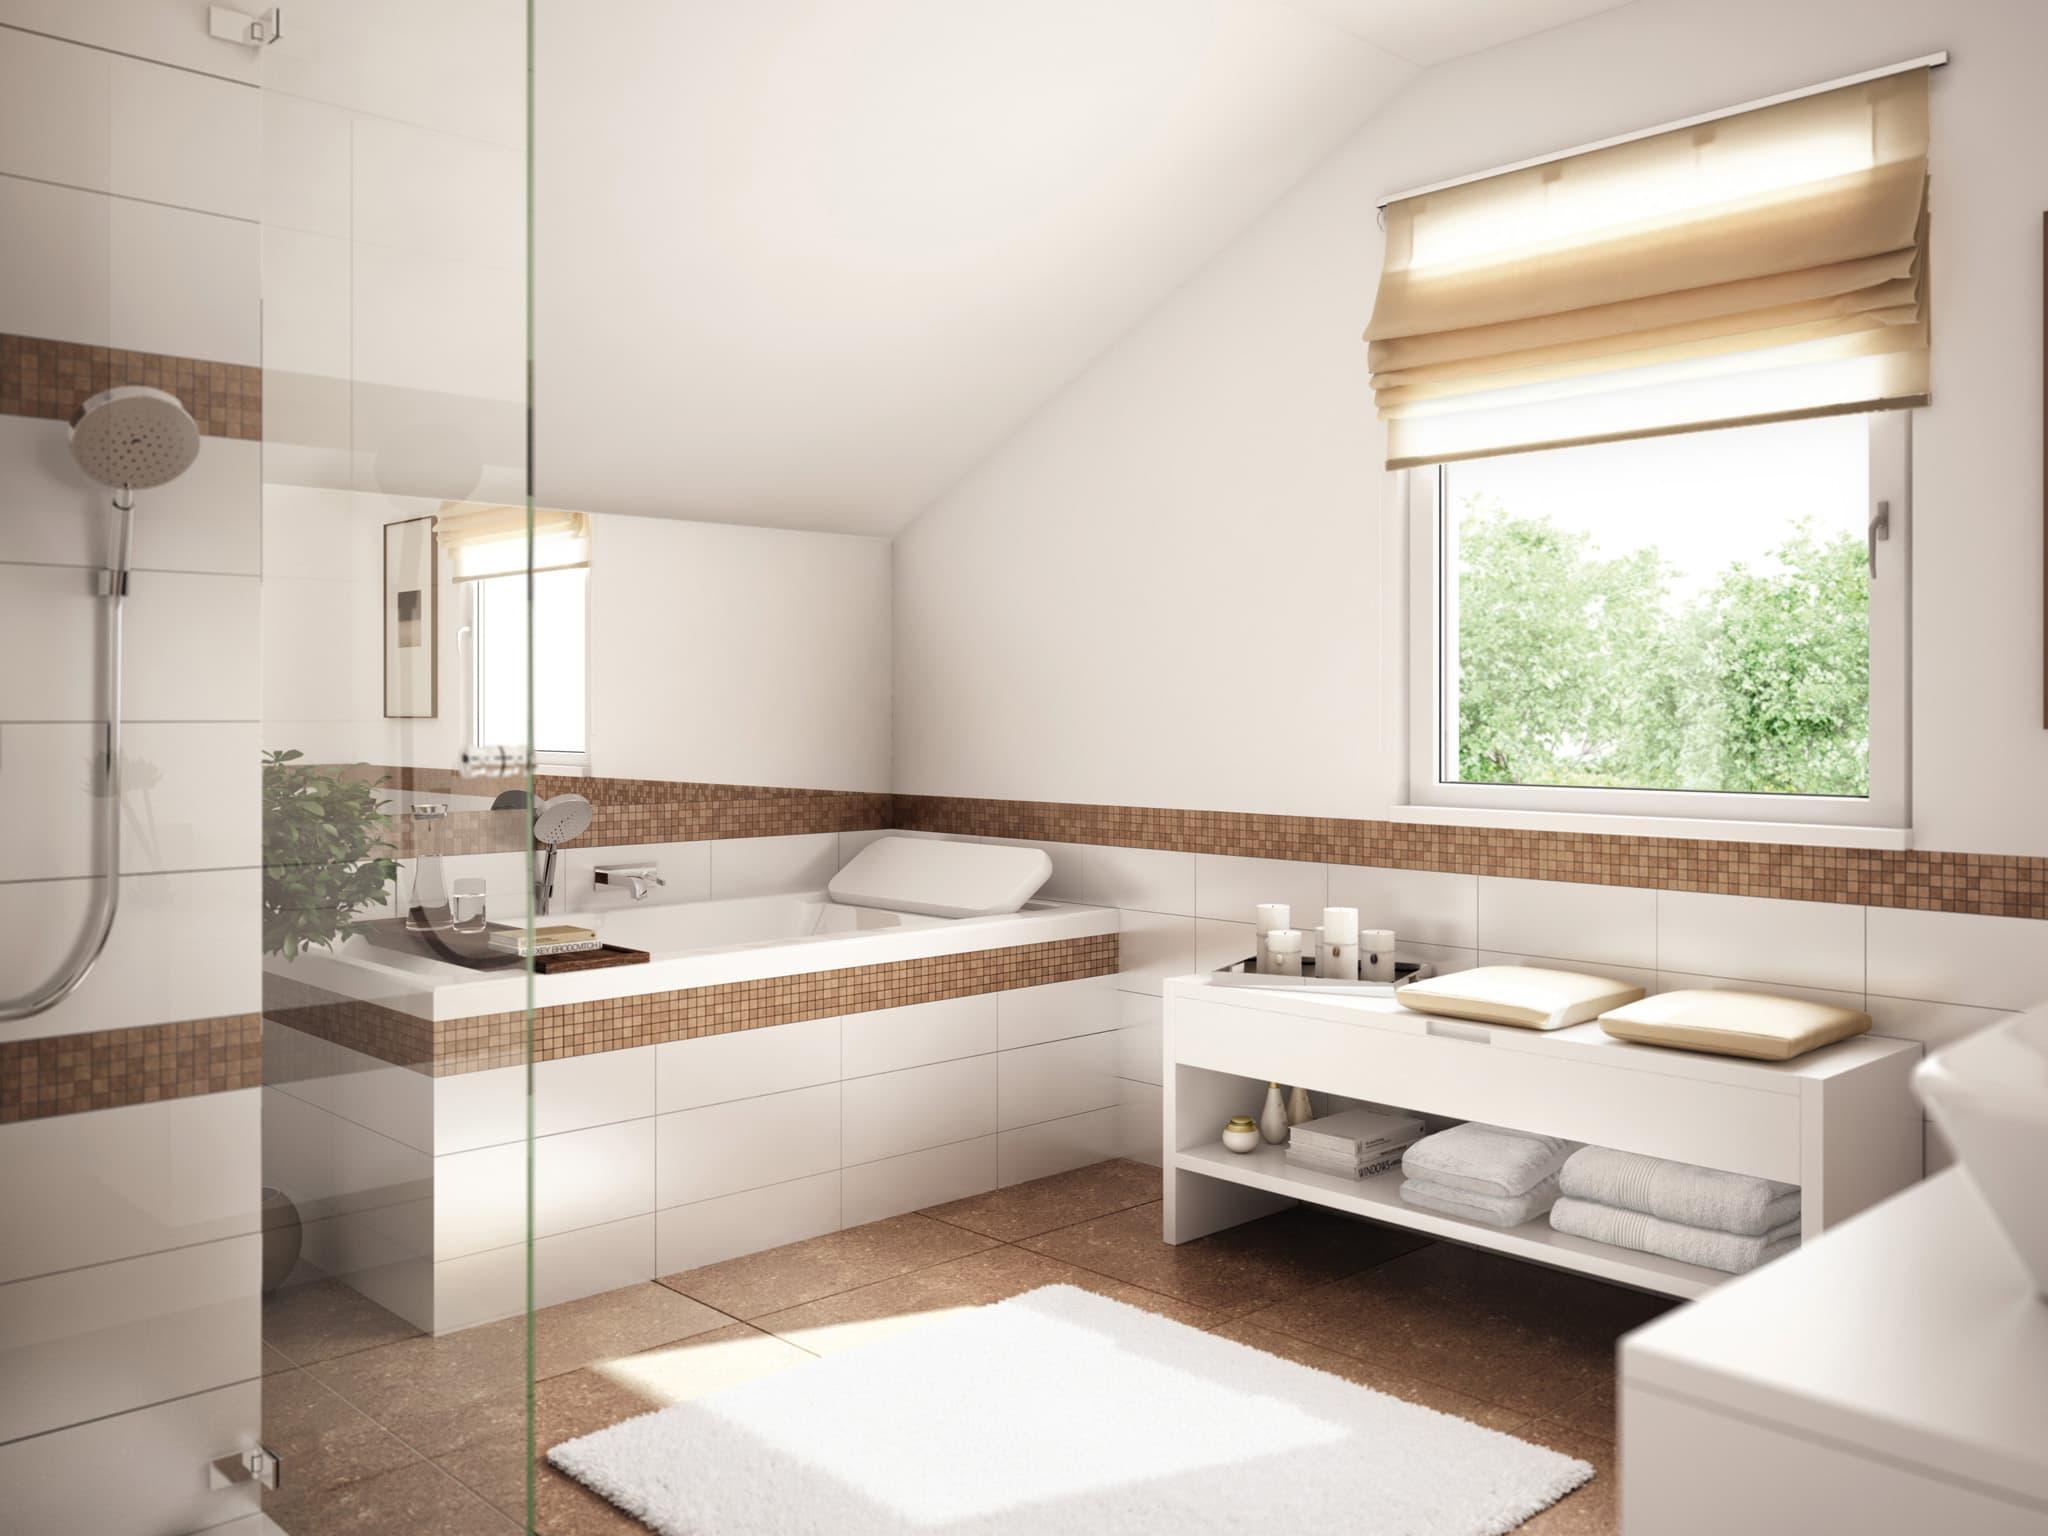 Modernes Badezimmer mit Badewanne unter Dachschräge - Wohnideen Inneneinrichtung Einfamilienhaus SUNSHINE 125 V3 von Living Haus - HausbauDirekt.de